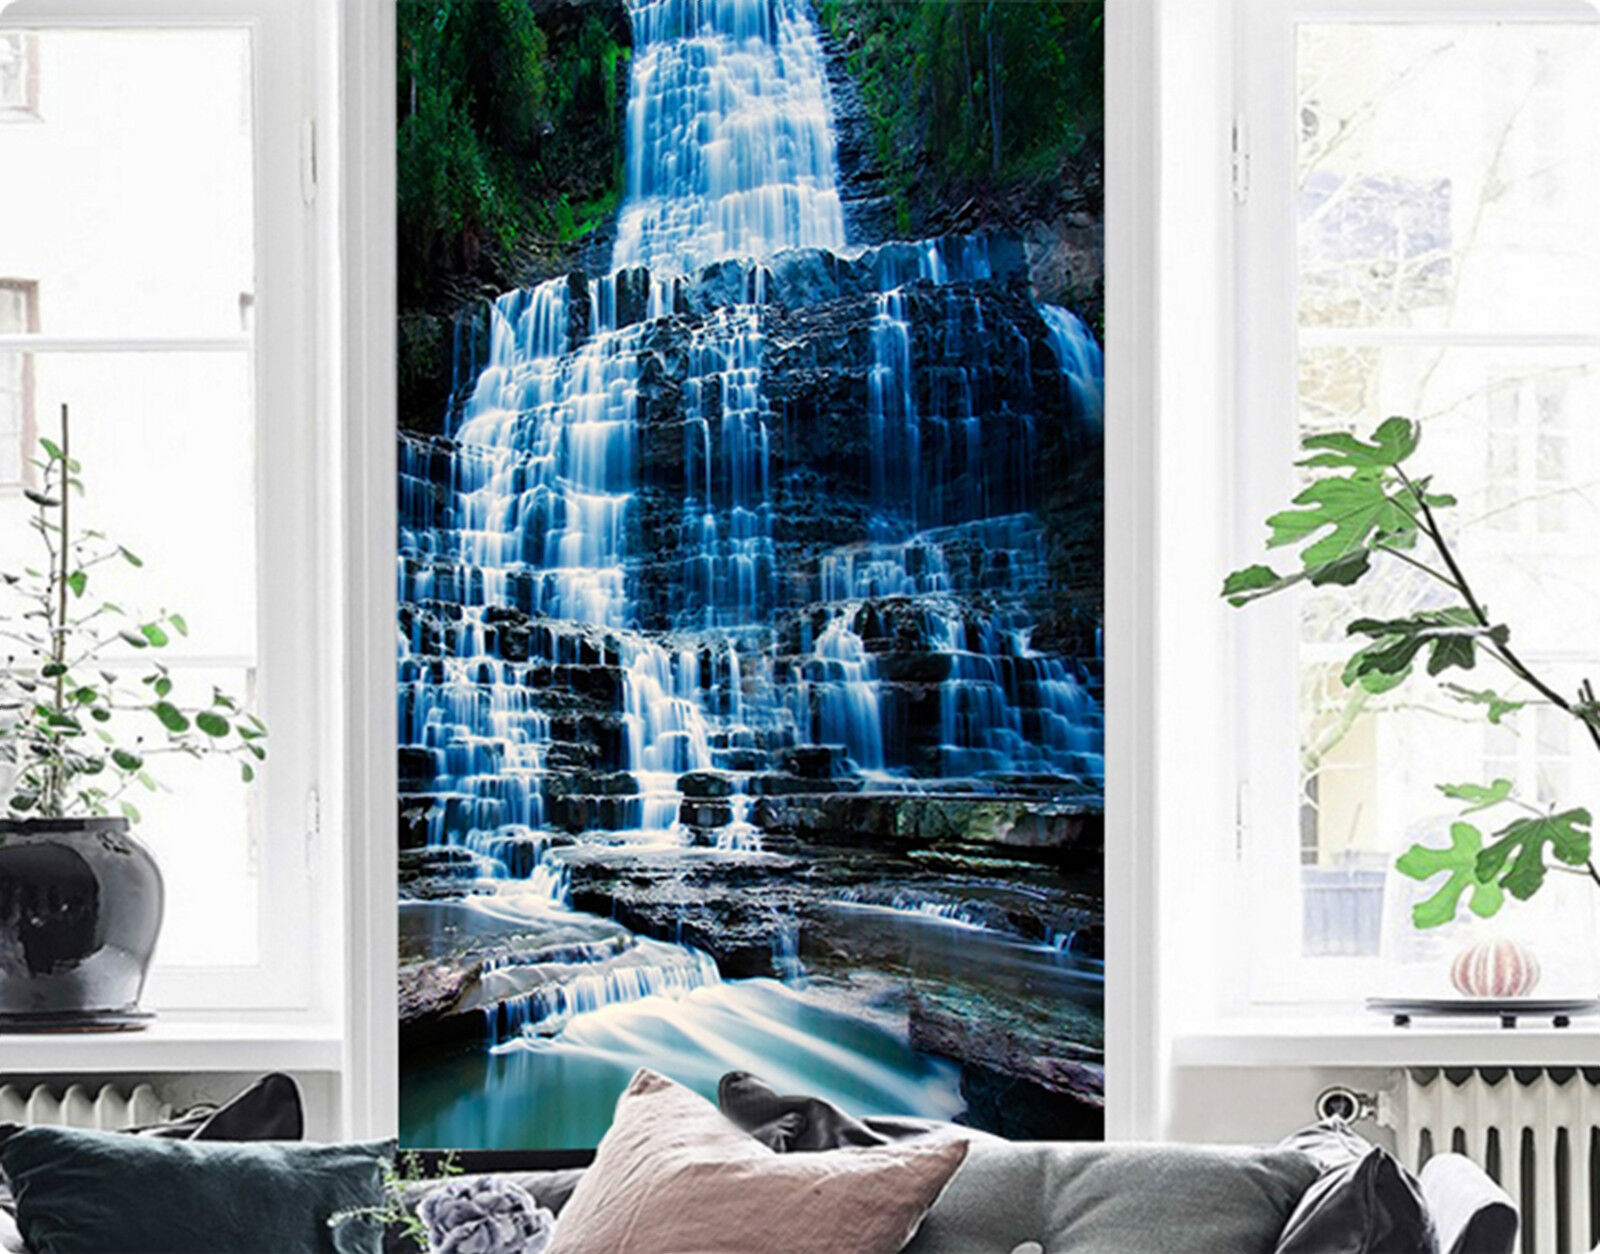 3D Wasserfluss 365 Fototapeten Wandbild Fototapete Bild Tapete Familie Kinder DE